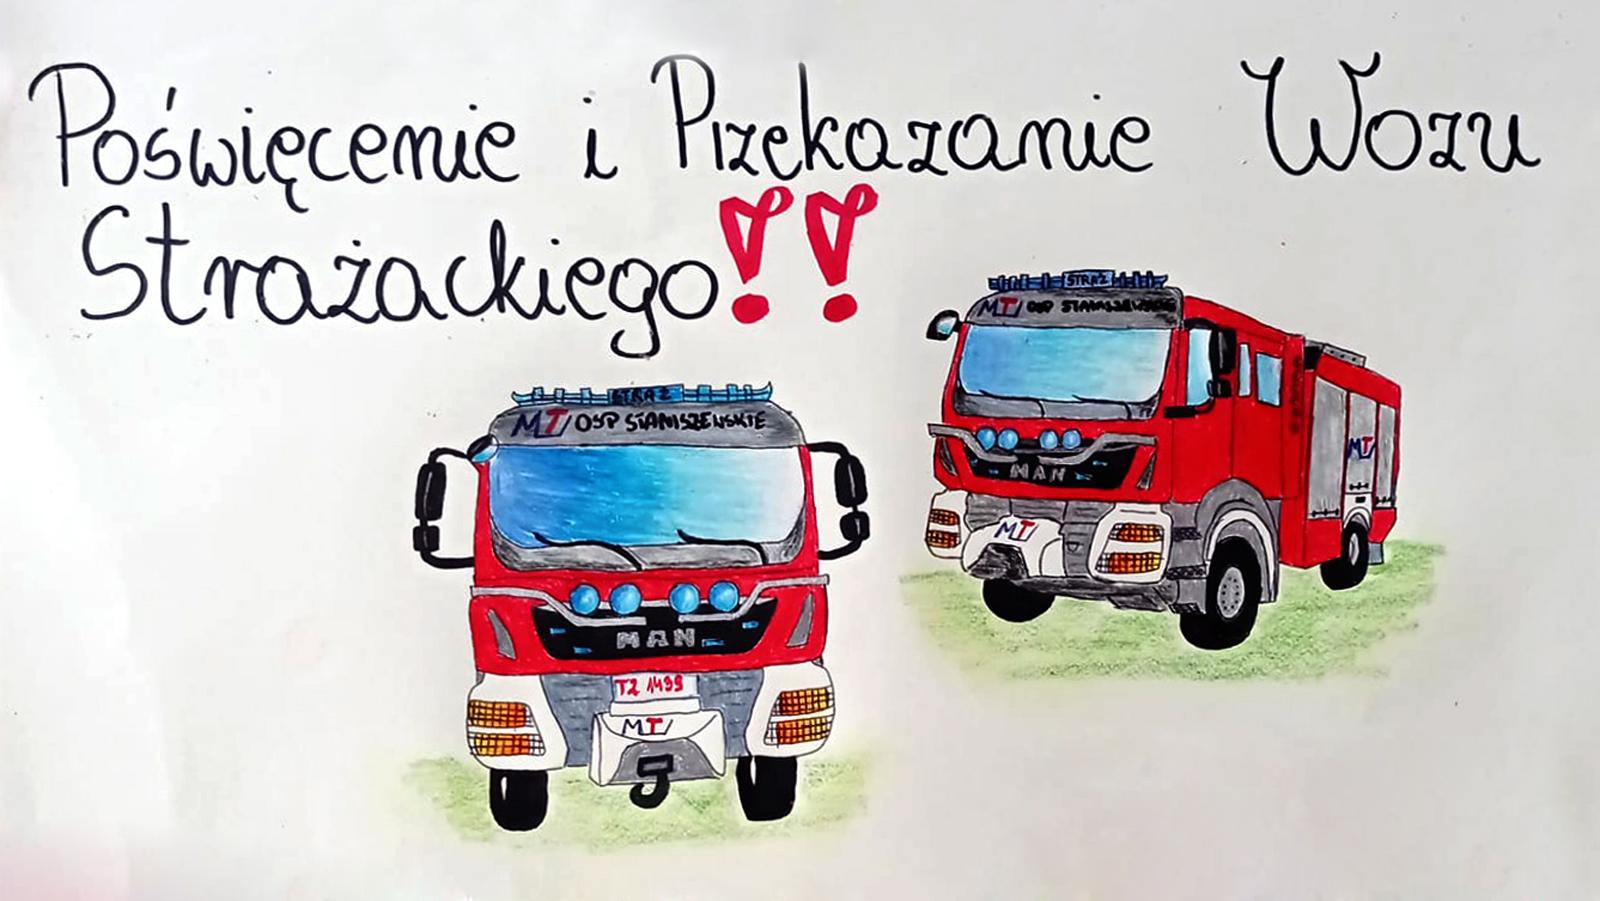 11 lipca: Przekazanie wozu strażackiego - Staniszewskie 2021 - Zdjęcie główne